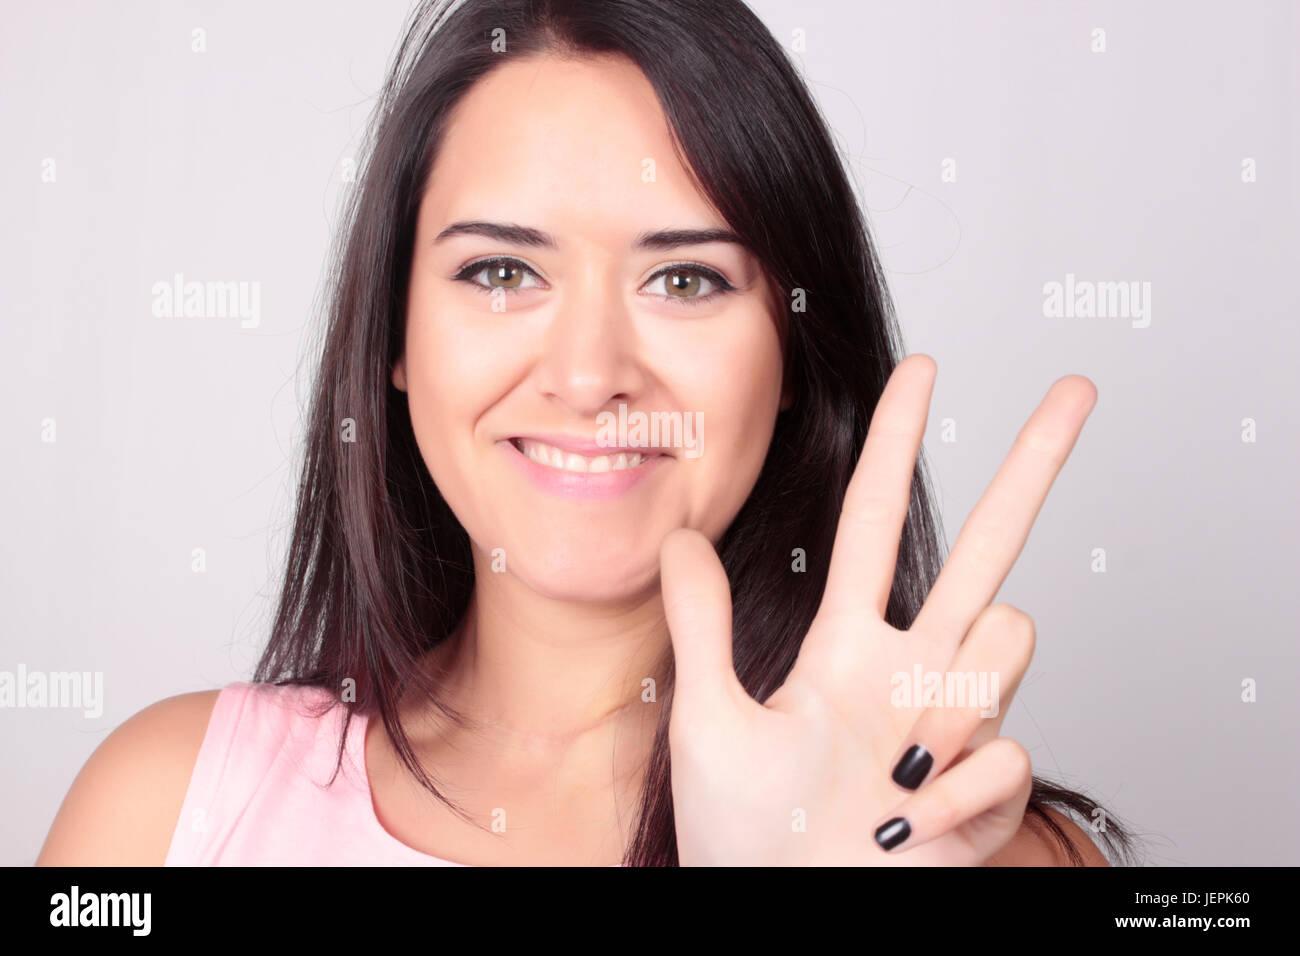 Belle jeune femme caucasienne comptant trois sur fond blanc. Comptage à la main, trois doigts. Photo Stock